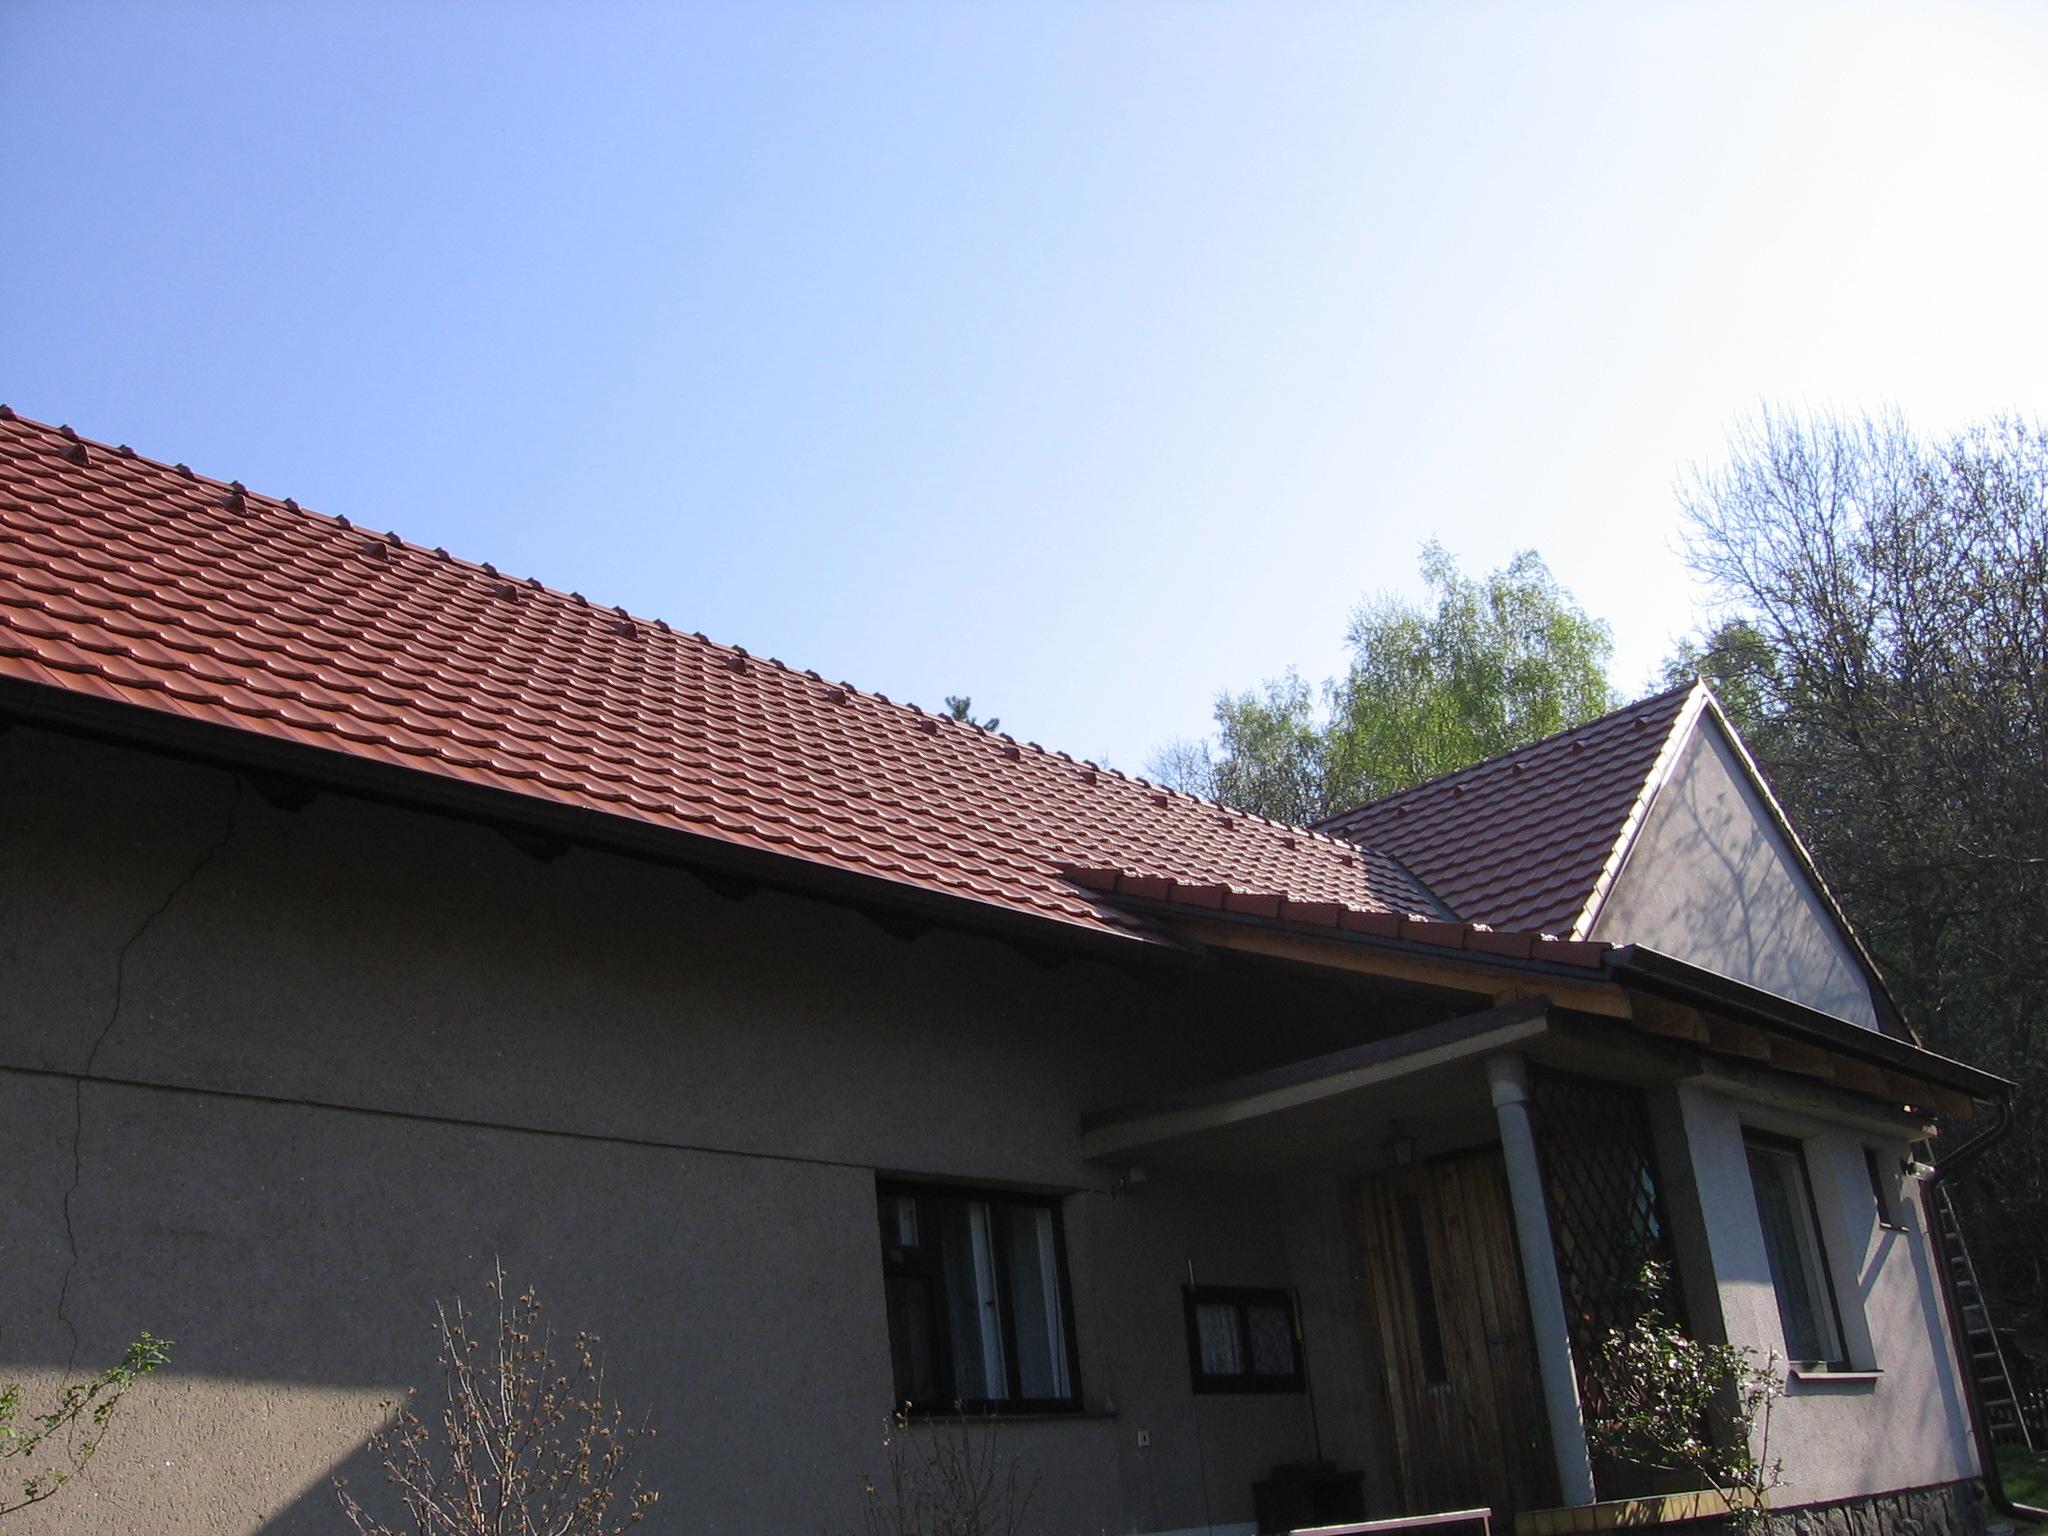 tondach-stodo-mc49bdc49bnc3a1-engoba3